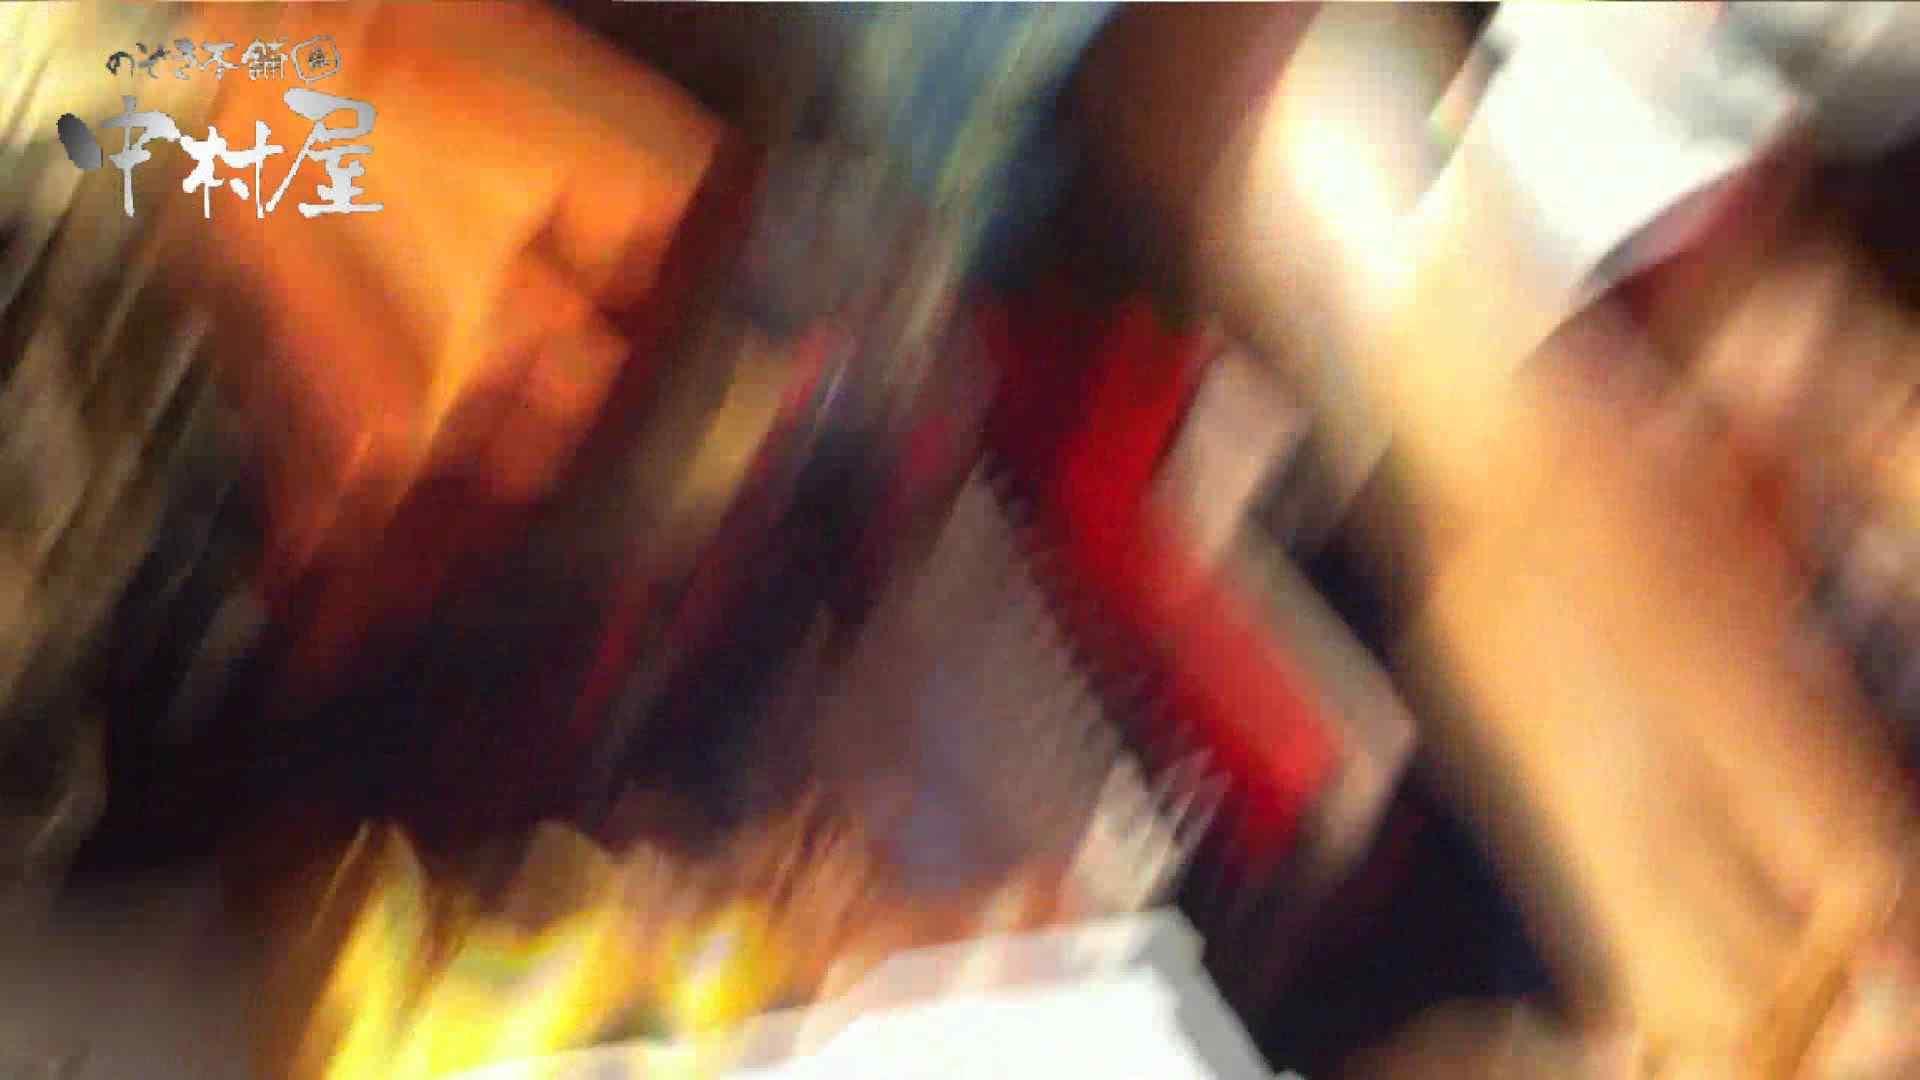 vol.52 美人アパレル胸チラ&パンチラ おとなしそうな店員の胸元にアタック! パンチラ われめAV動画紹介 29連発 14